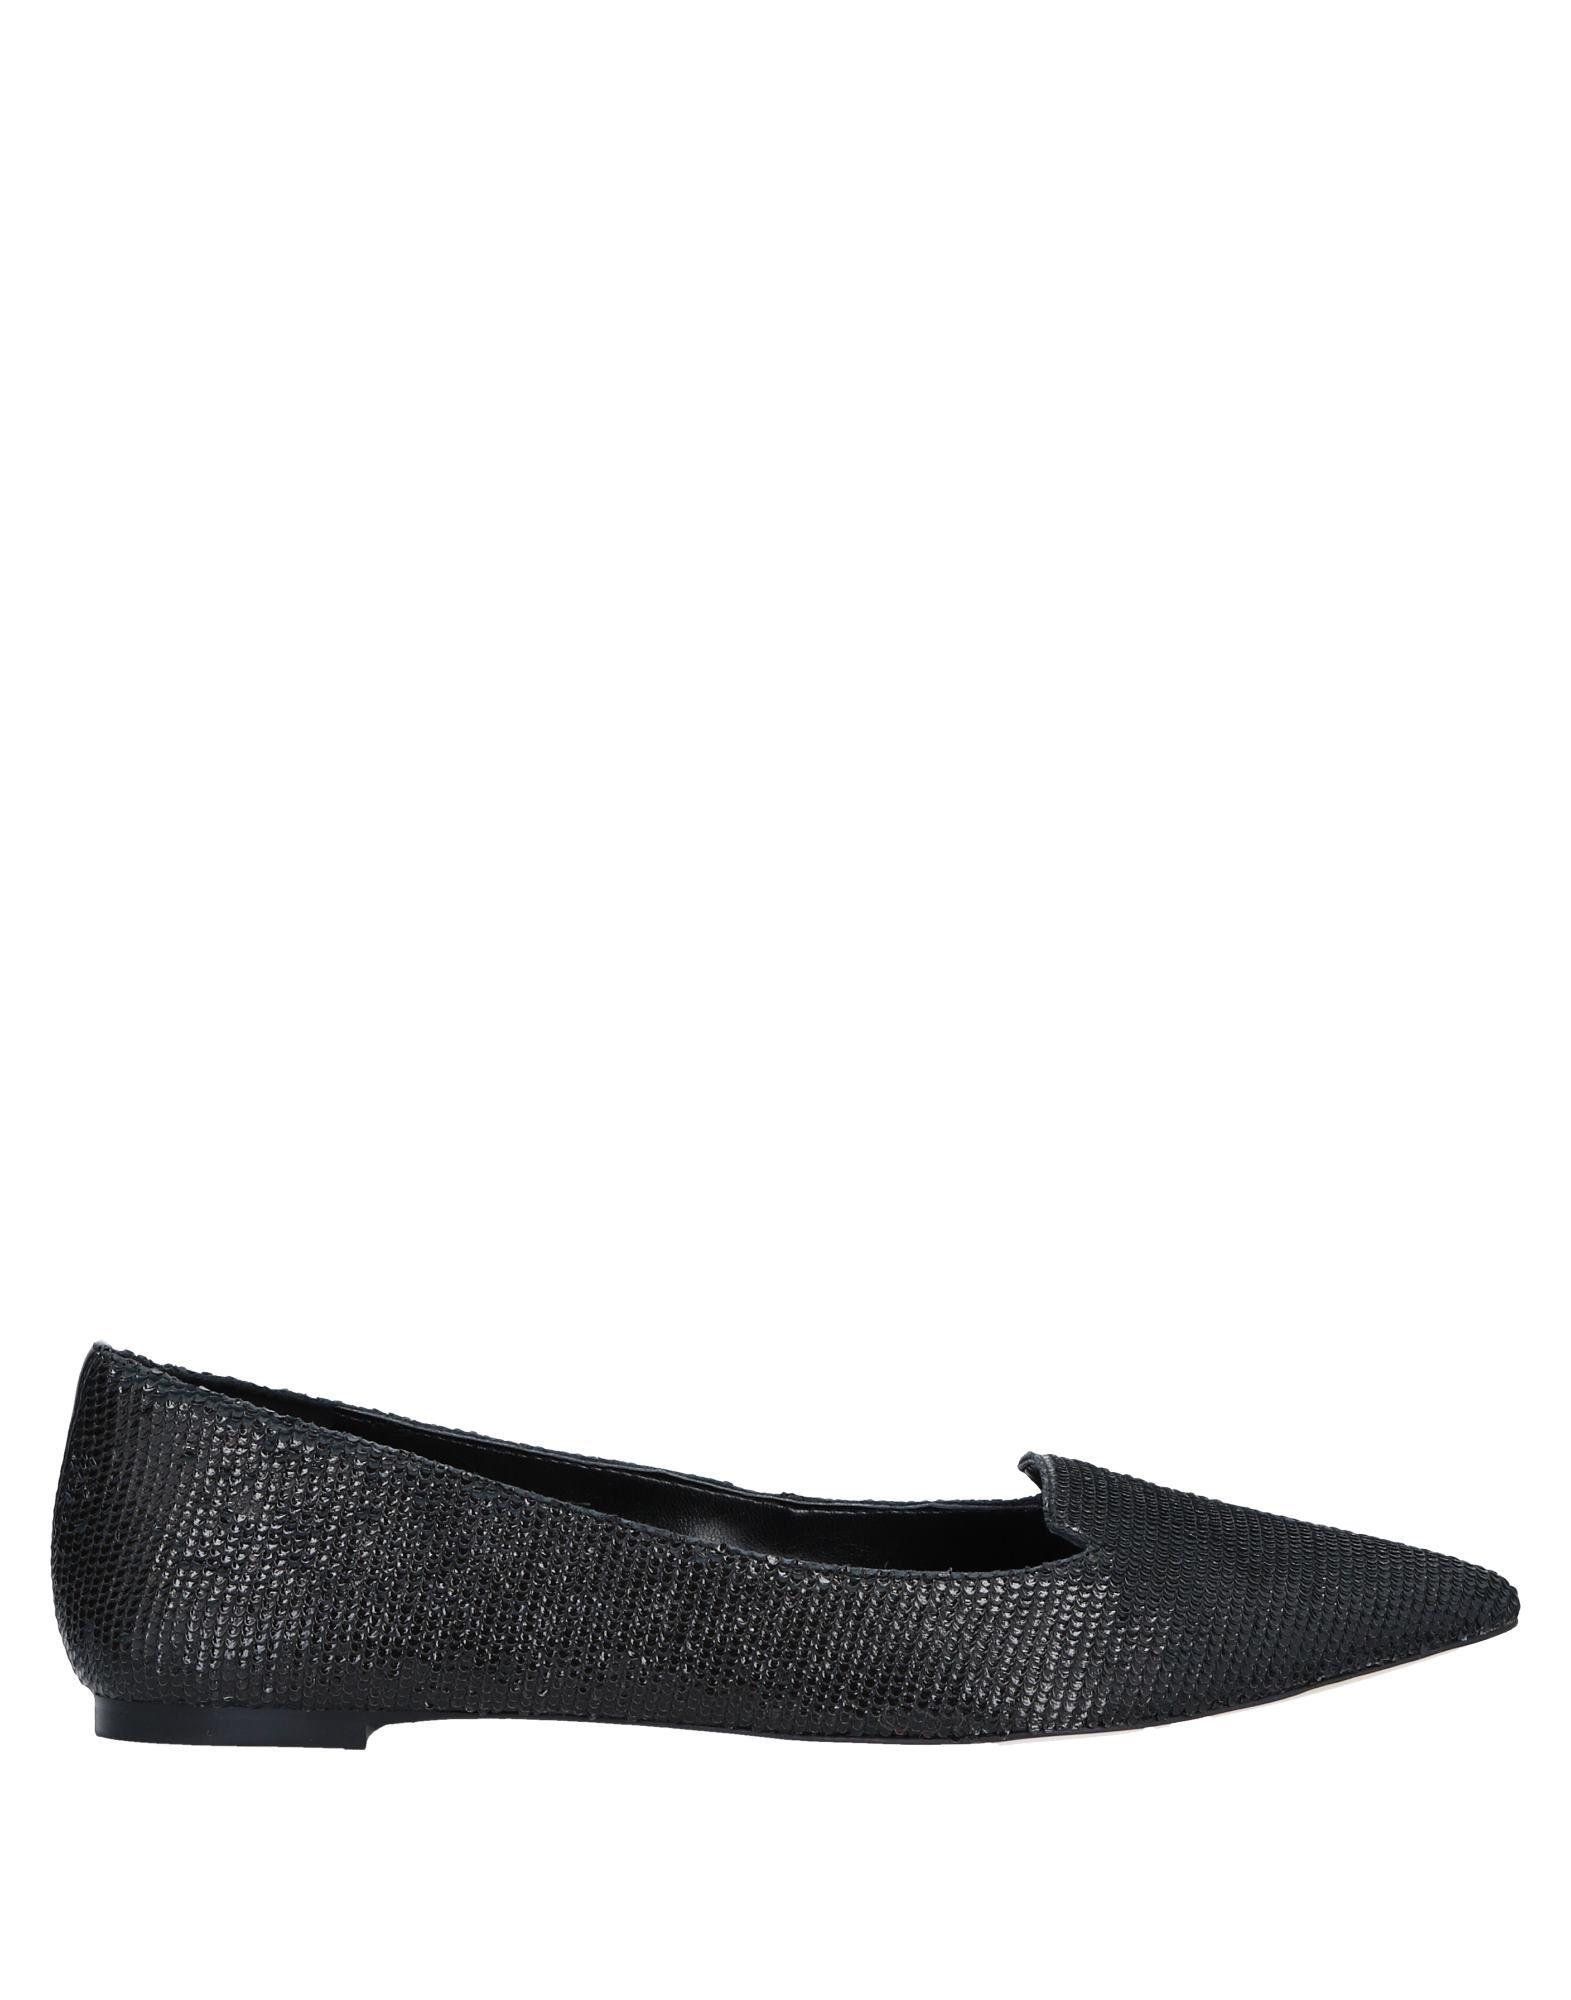 Karl Lagerfeld Ballerinas Damen  11542568VE Gute Qualität beliebte Schuhe